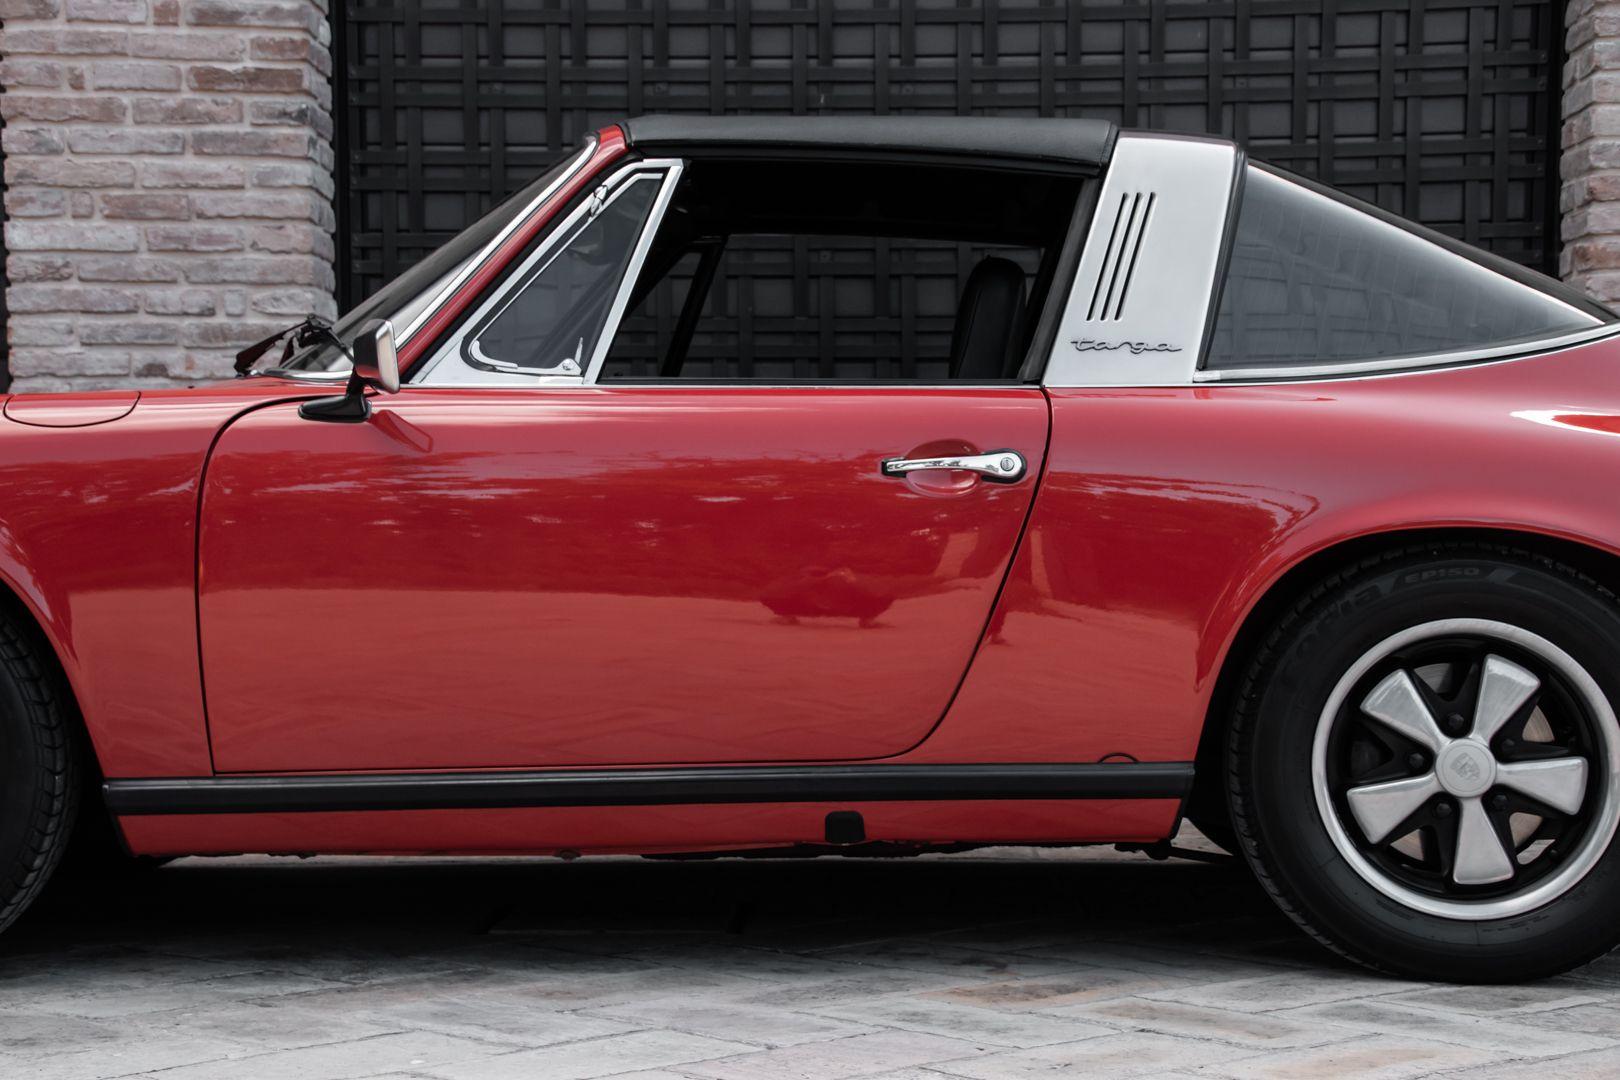 1974 Porsche 911 S 2.7 Targa 69633